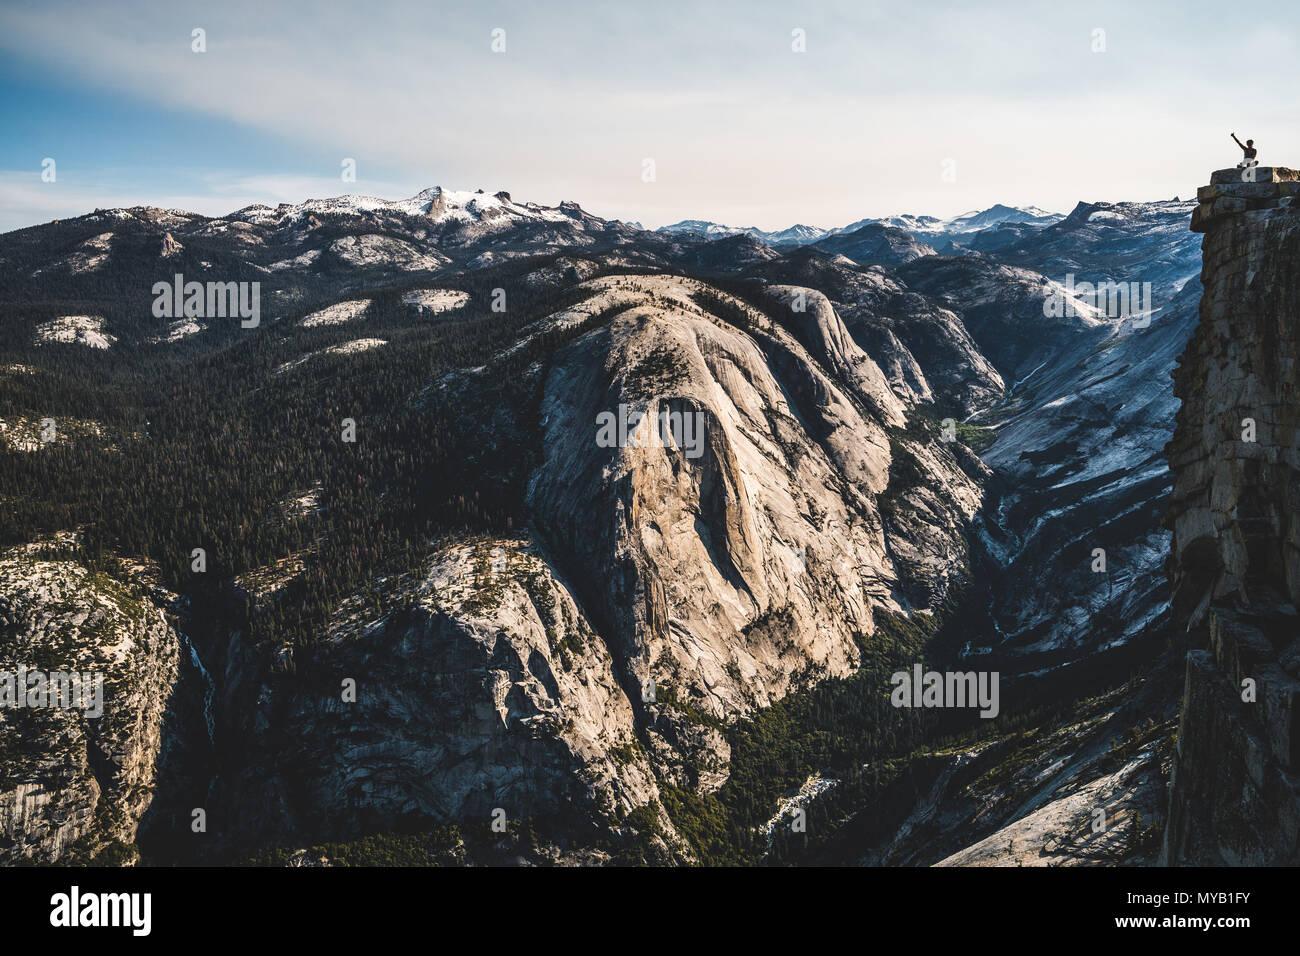 Un minuscule, seul randonneur sur haut de demi-dôme dans le Parc National Yosemite. Photo Stock